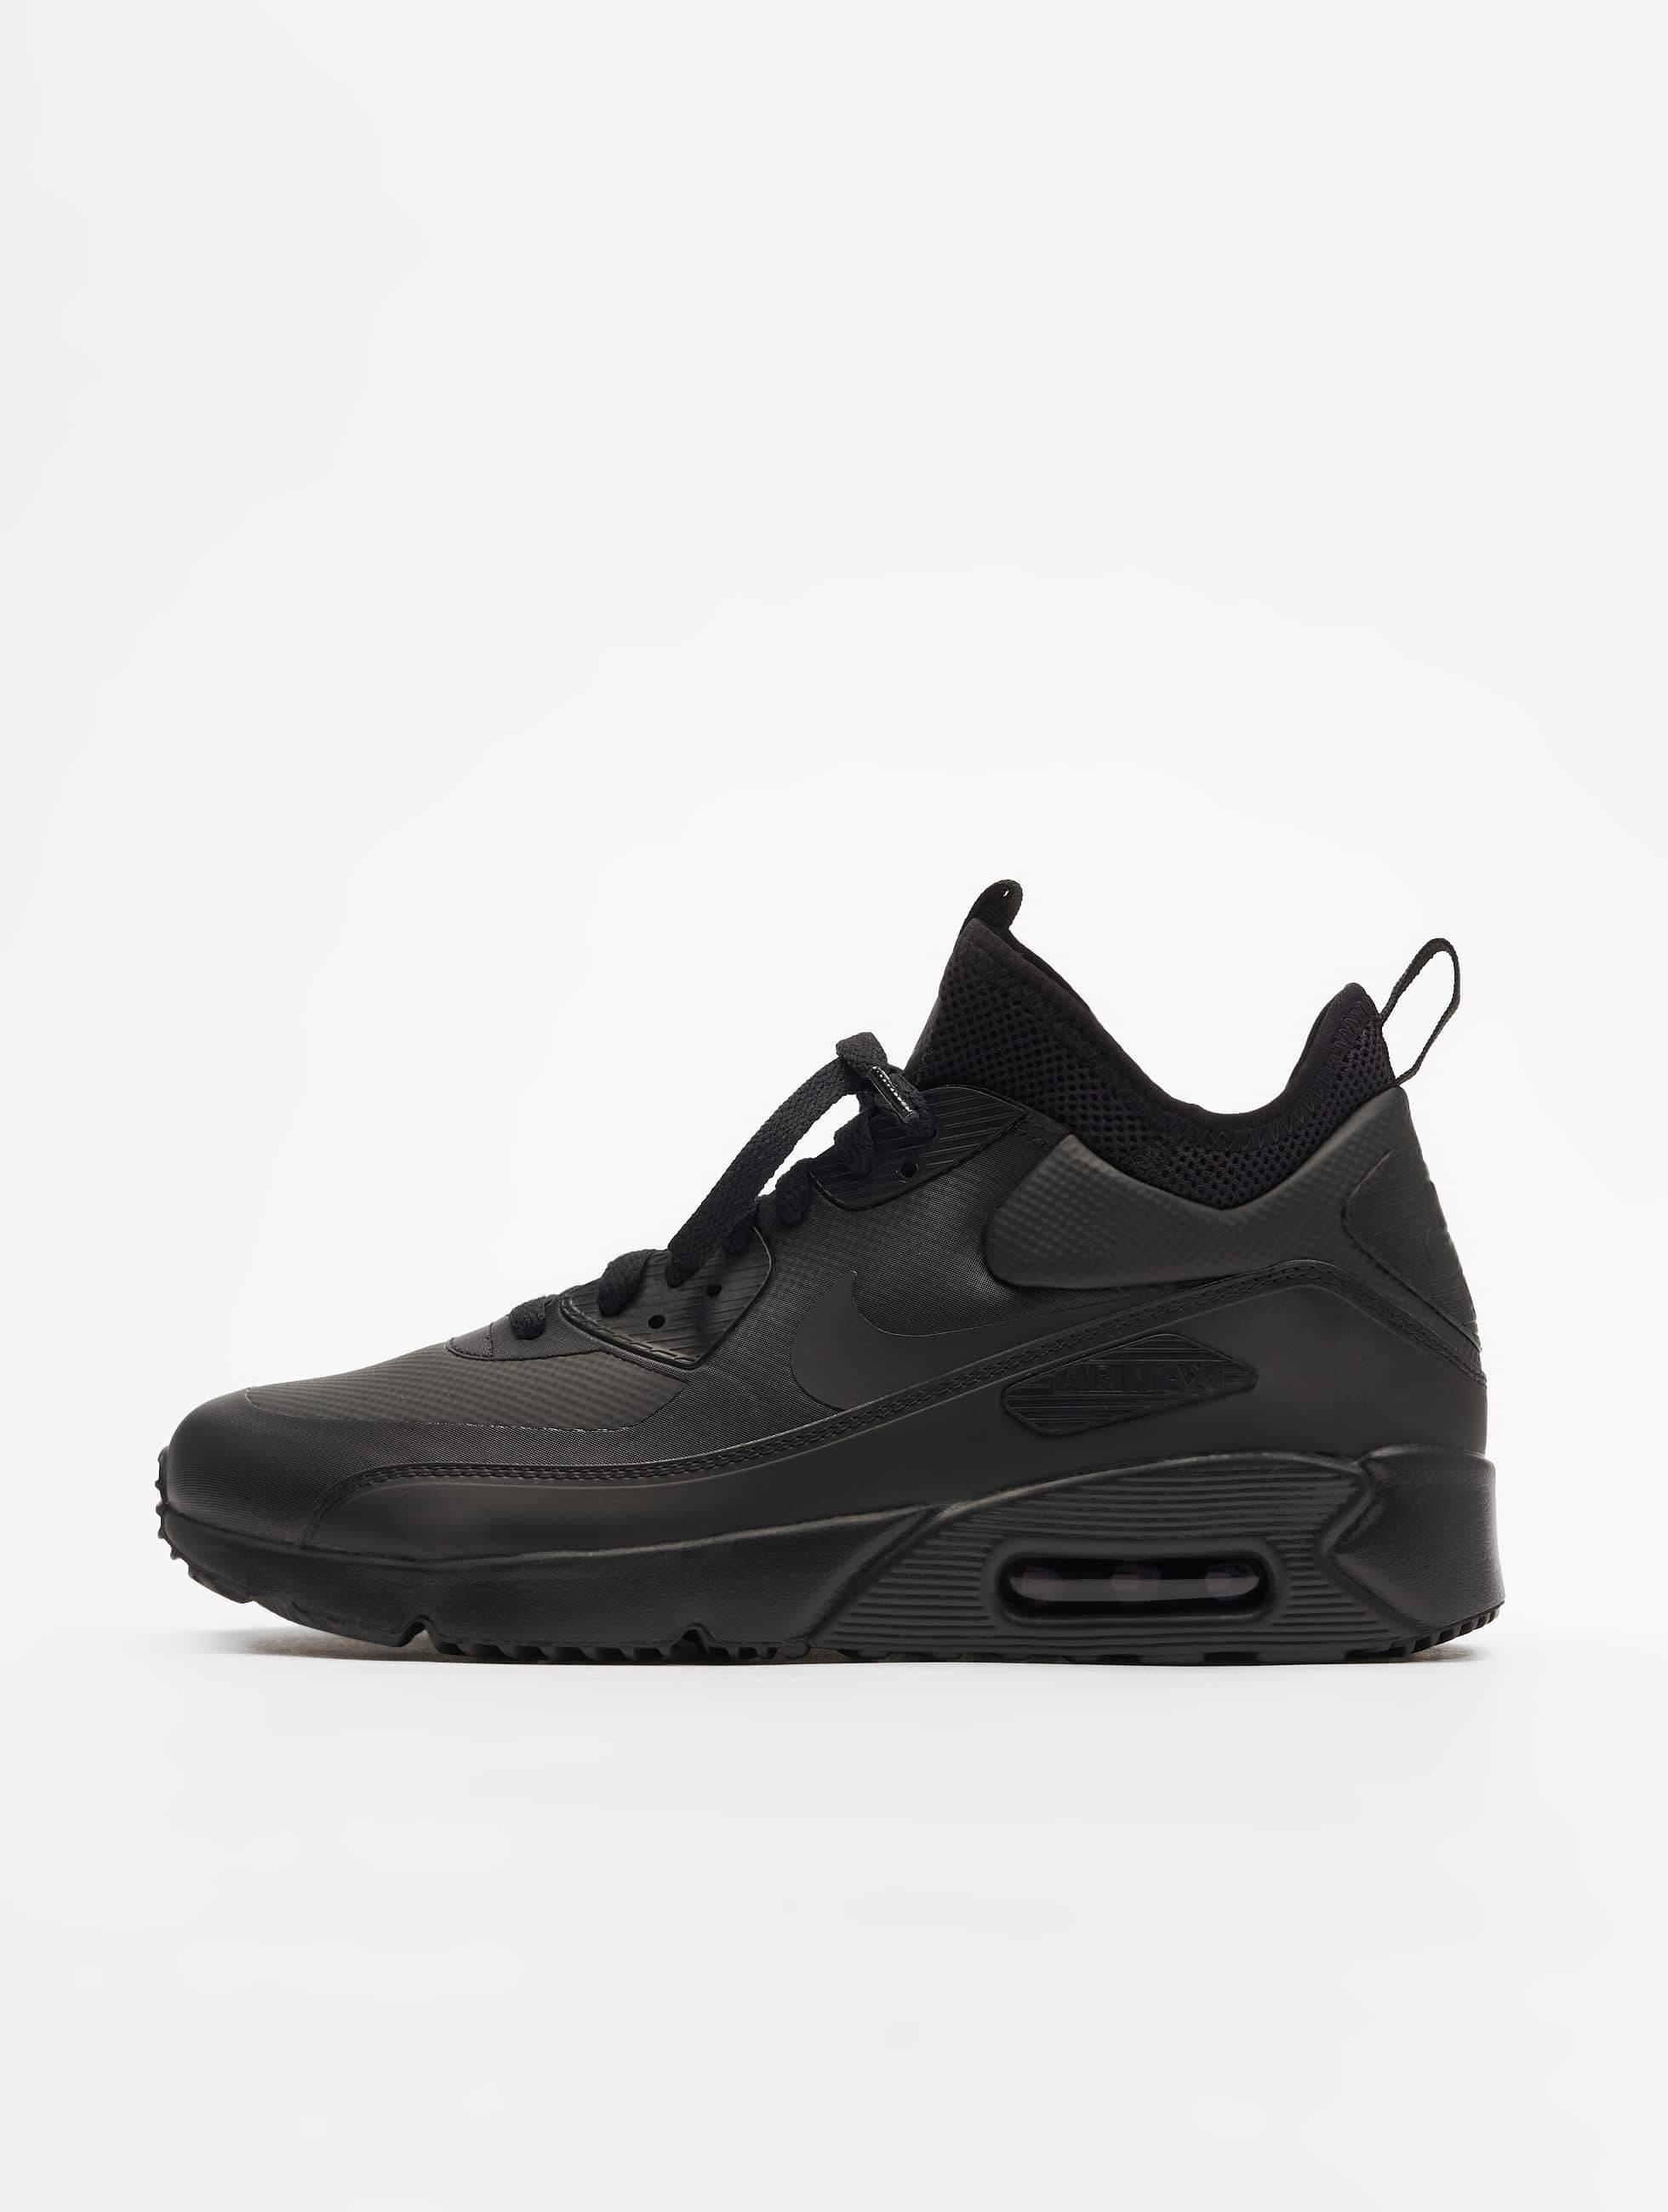 3767f14d577 Nike schoen / sneaker Air Max 90 Ultra Mid Winter in zwart 540121